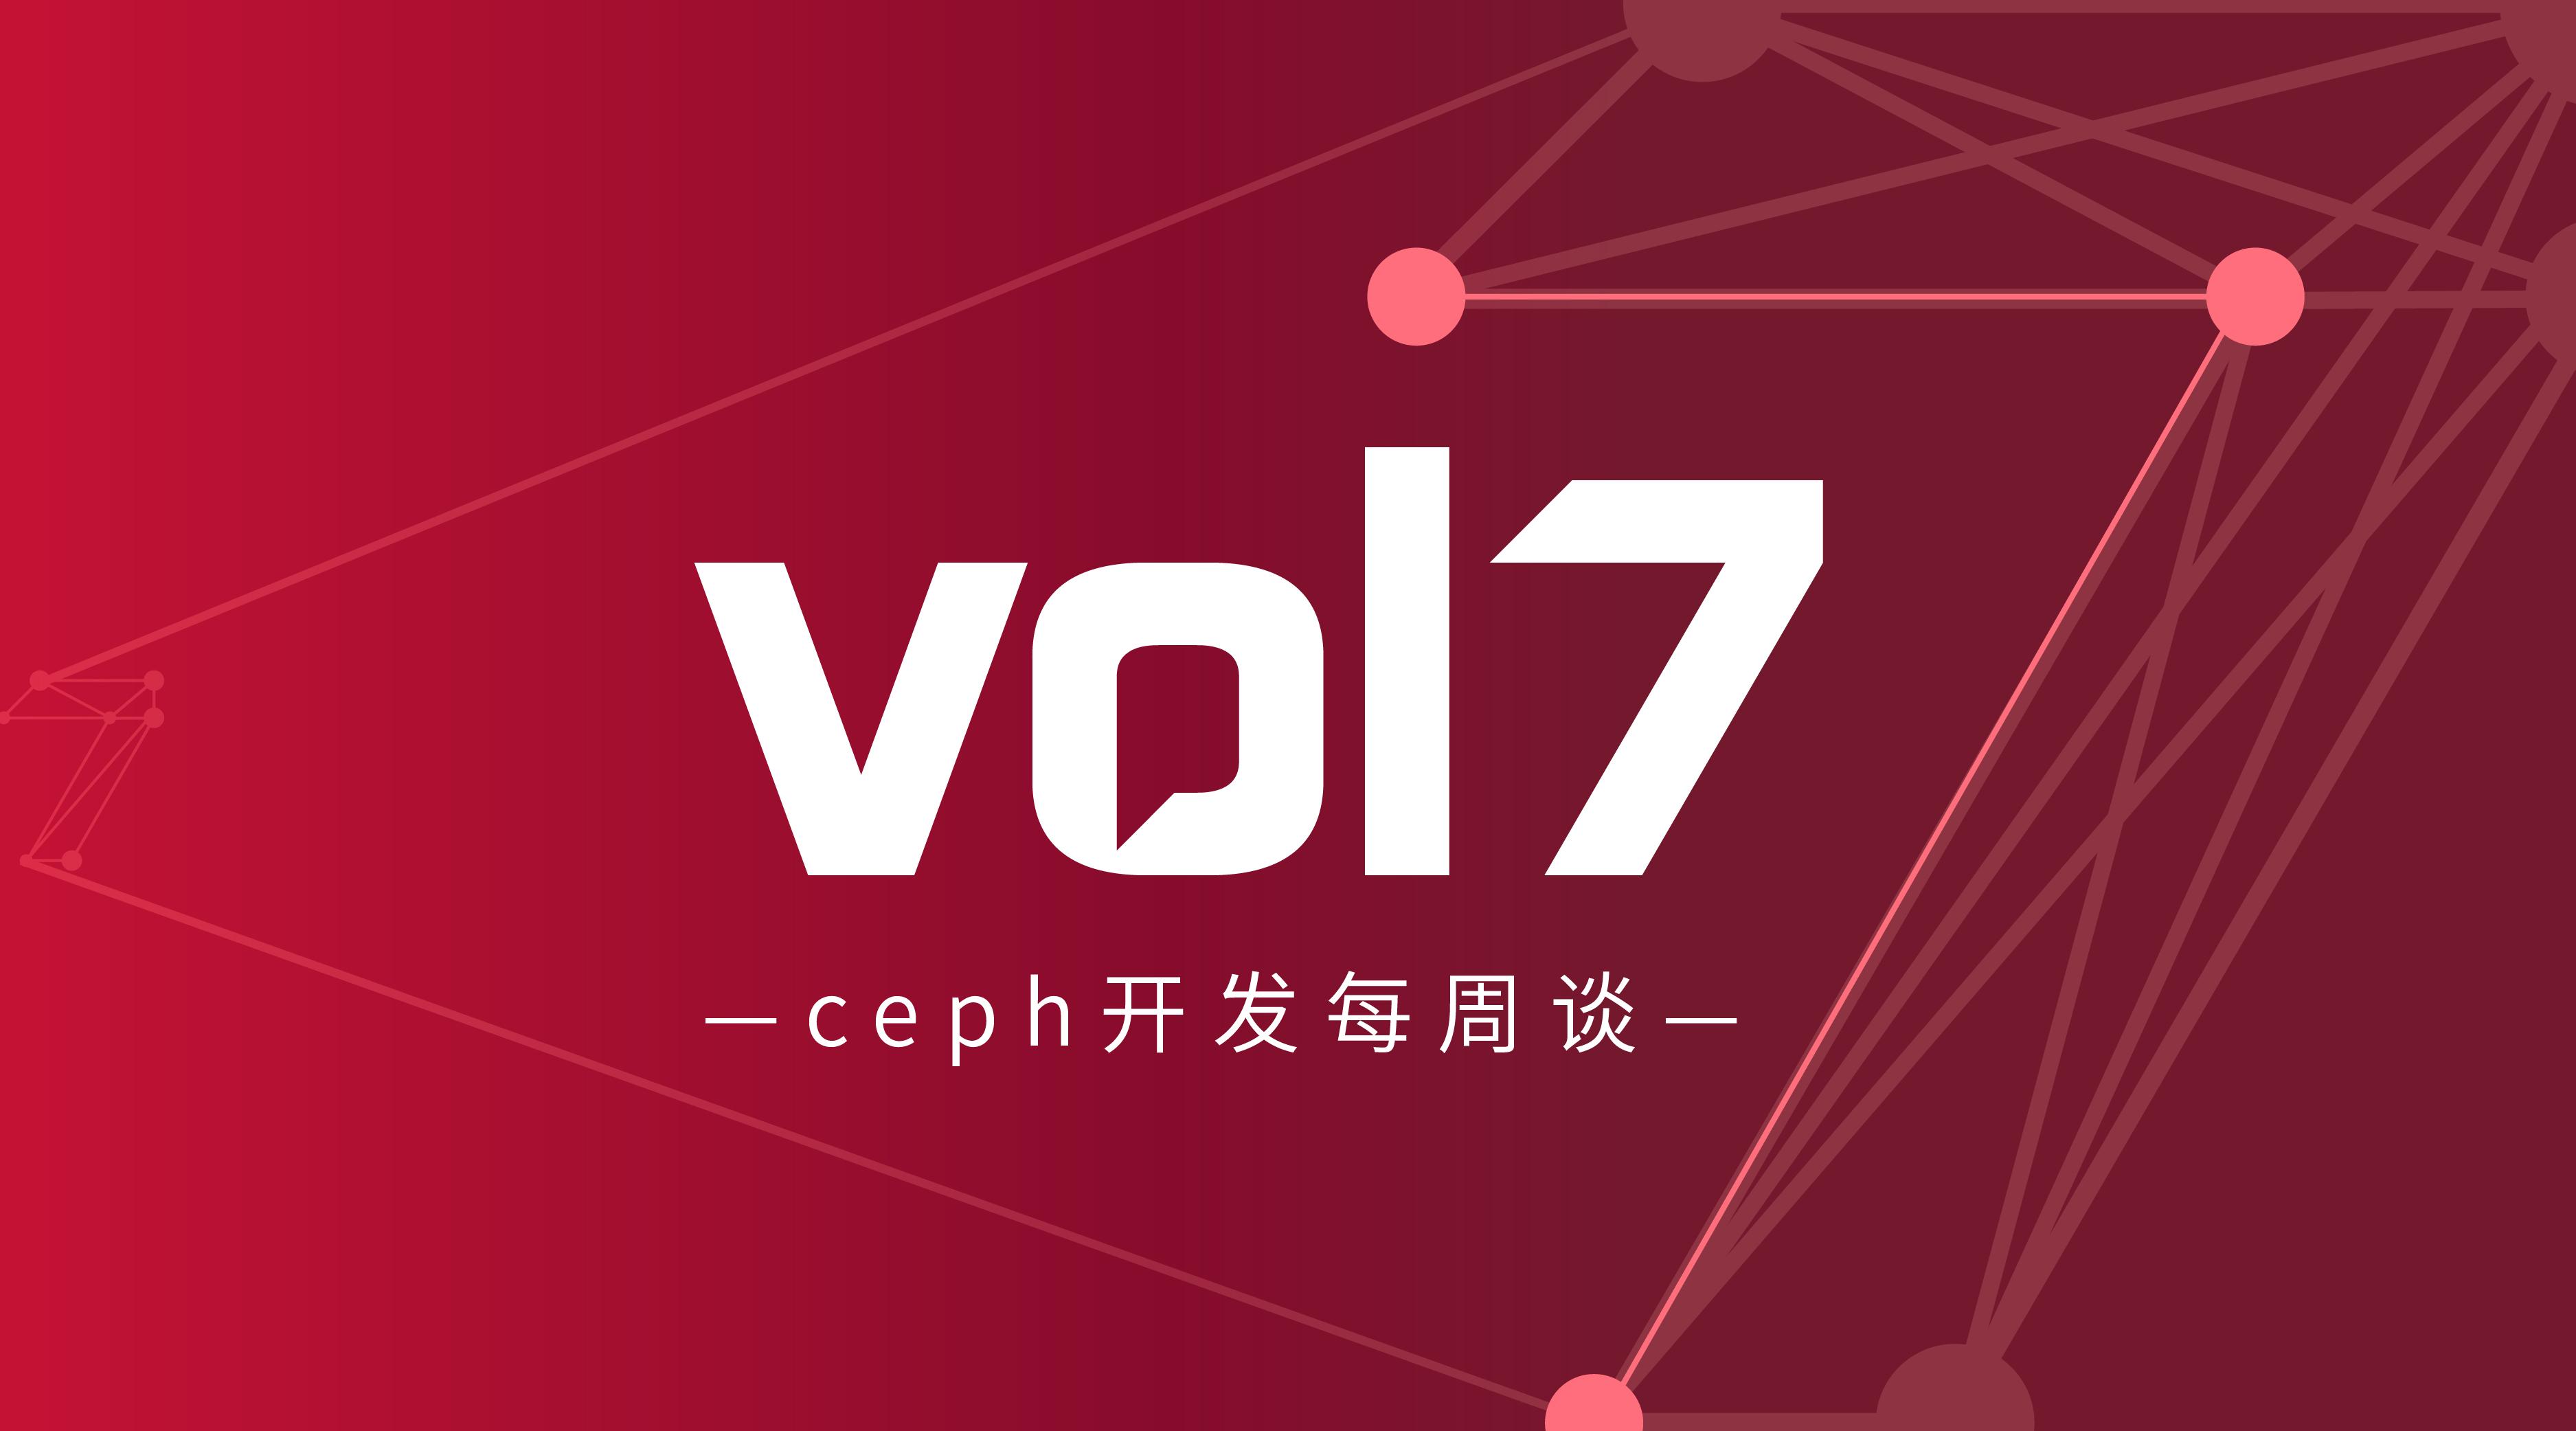 Ceph开发每周谈Vol 7